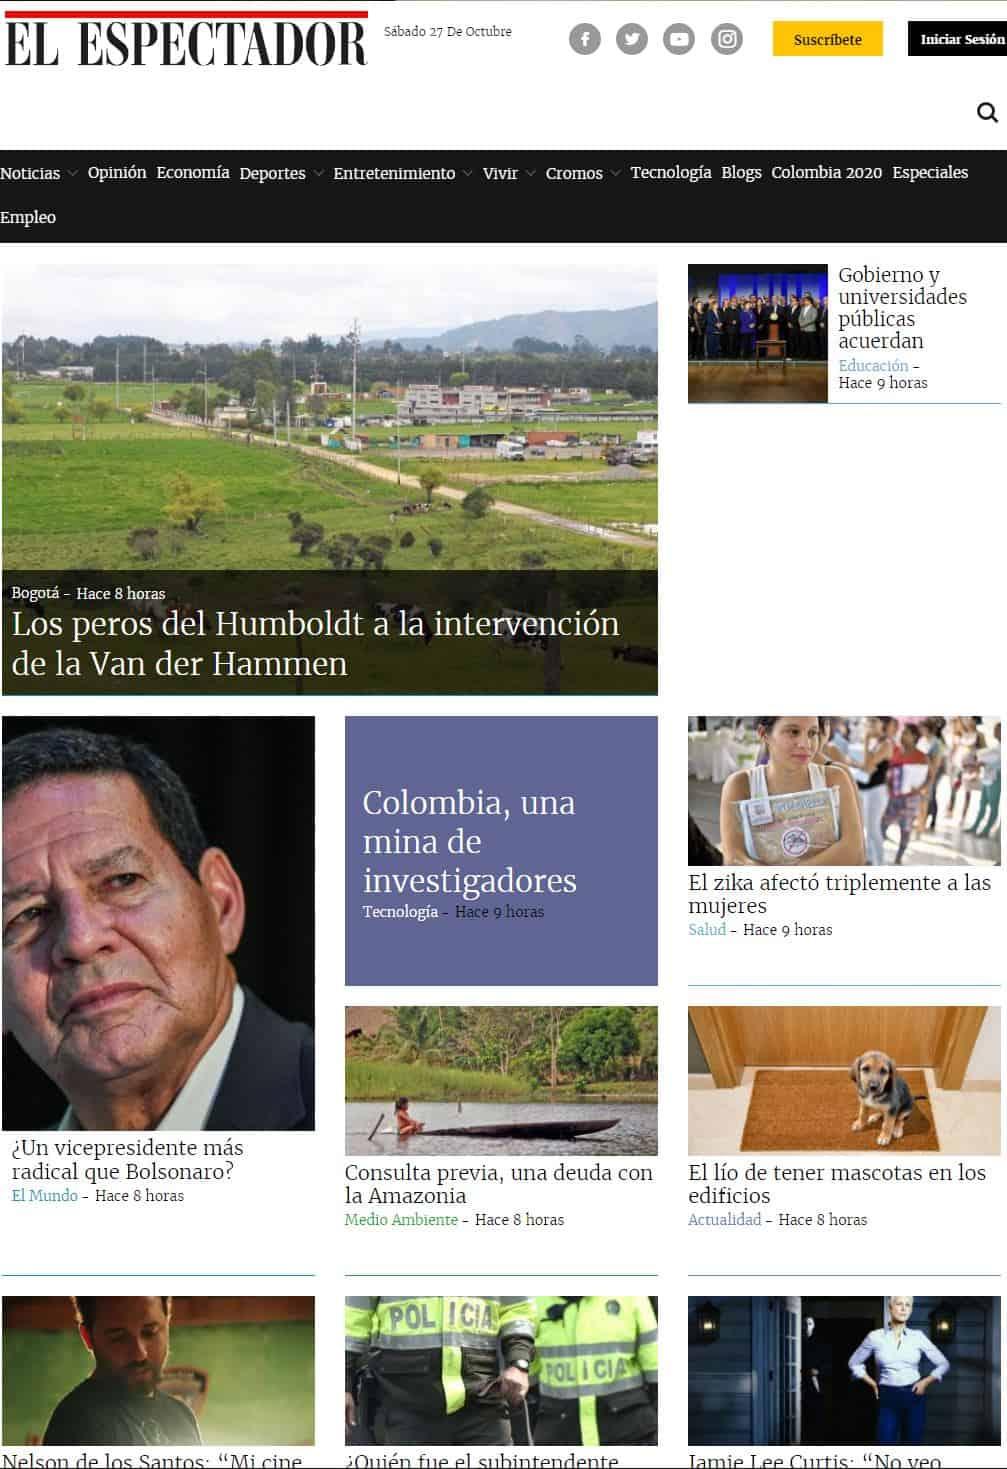 https://www.elespectador.com/noticias